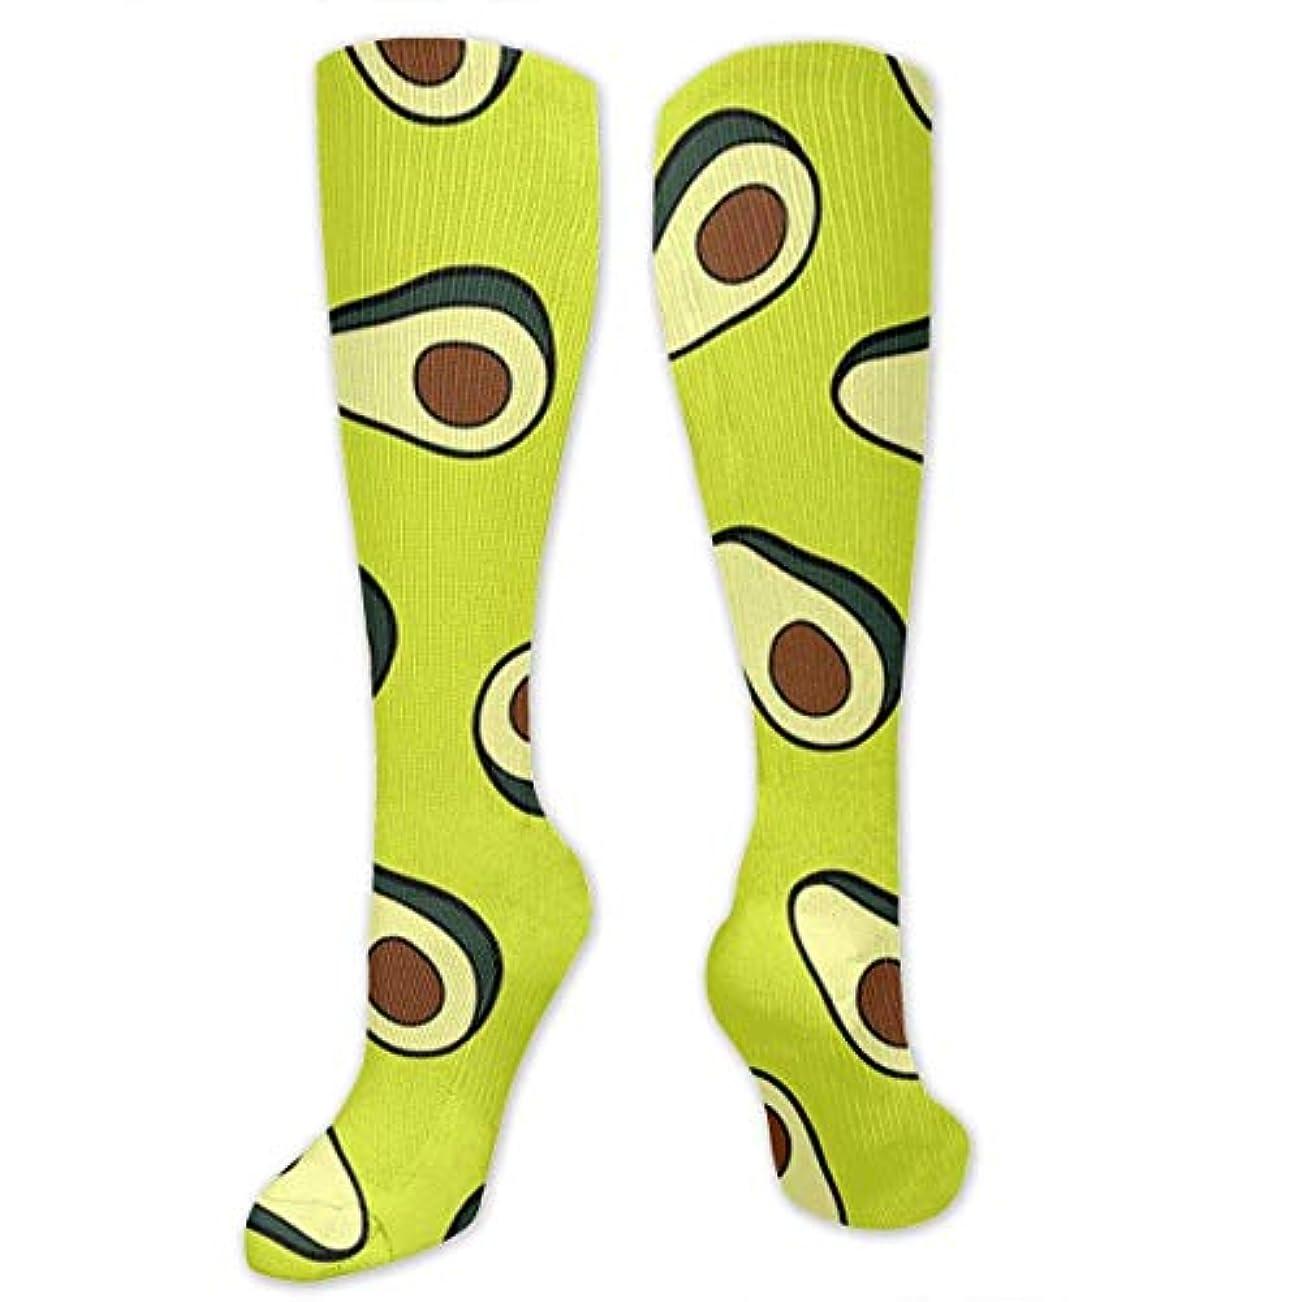 土平方大胆不敵靴下,ストッキング,野生のジョーカー,実際,秋の本質,冬必須,サマーウェア&RBXAA Avocado Pattern Socks Women's Winter Cotton Long Tube Socks Knee High...